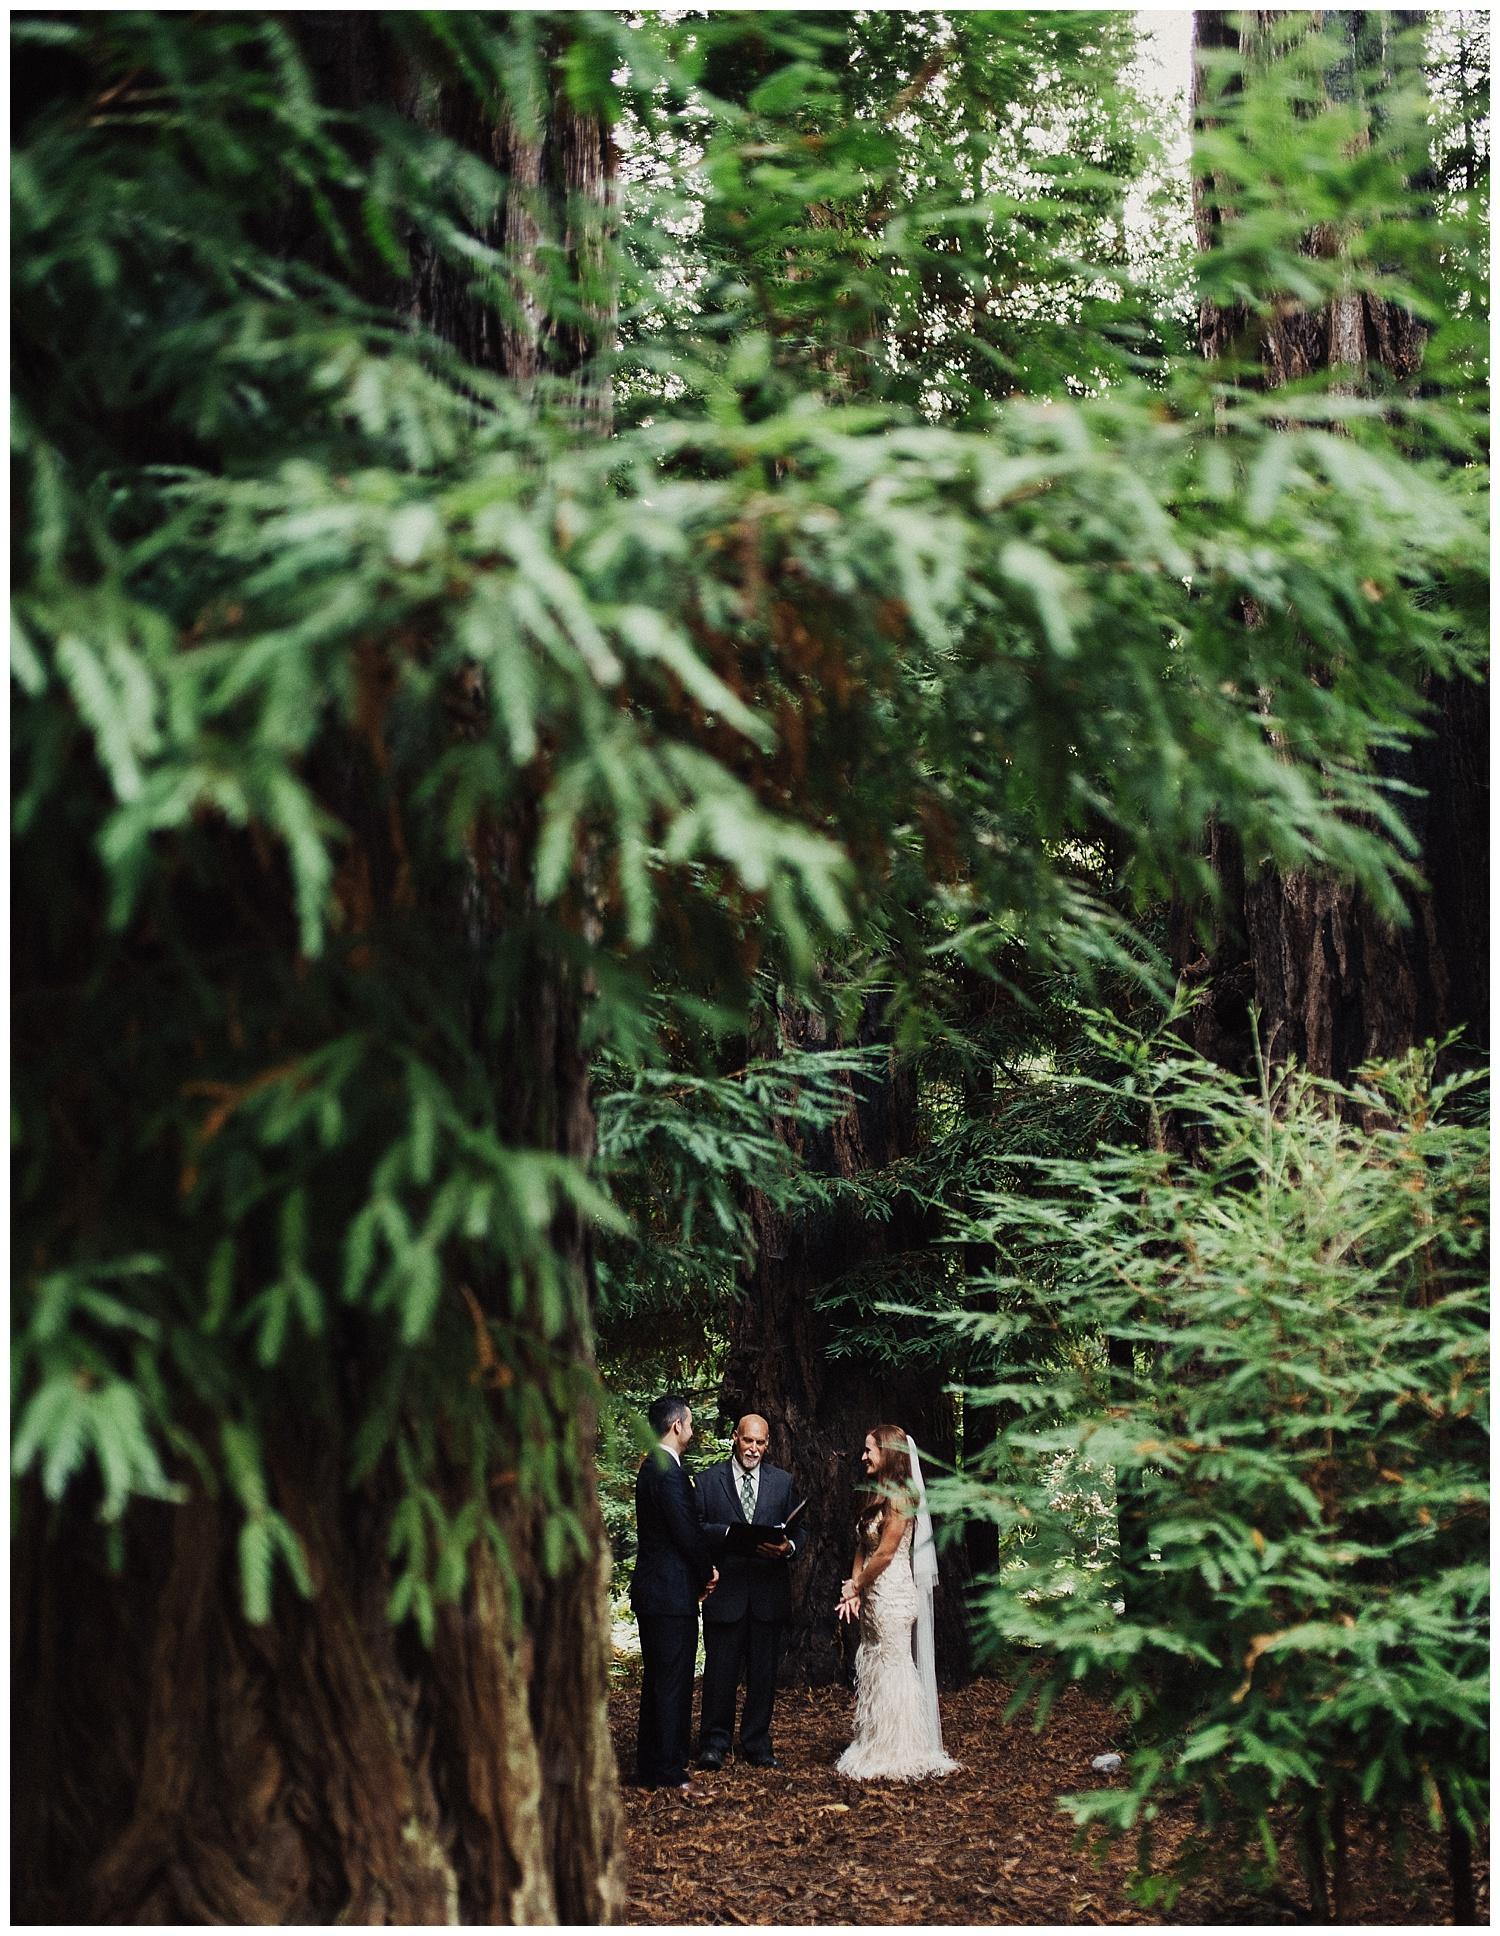 Big Sur Elopement in the Redwoods